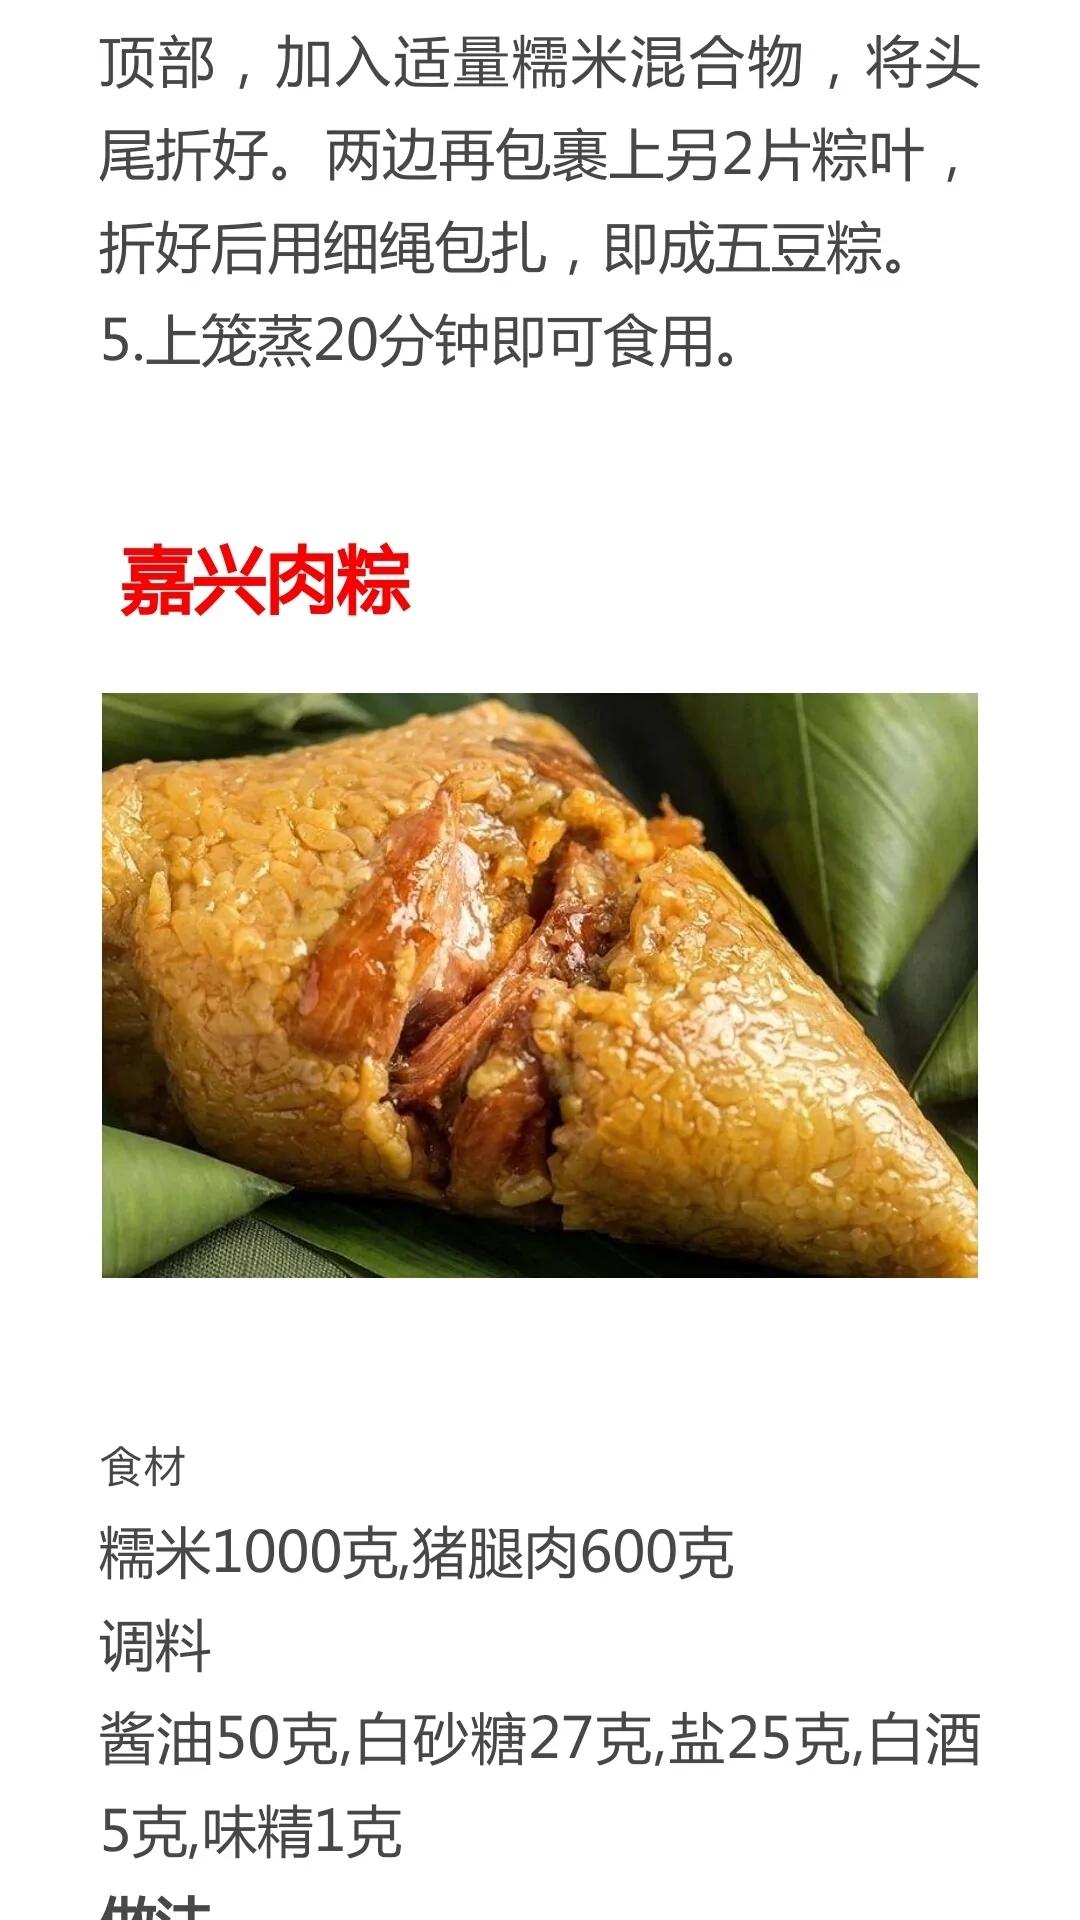 16种粽子的做法及配料!粽子馅配方种类大全,粽子制作方法教程 美食做法 第12张